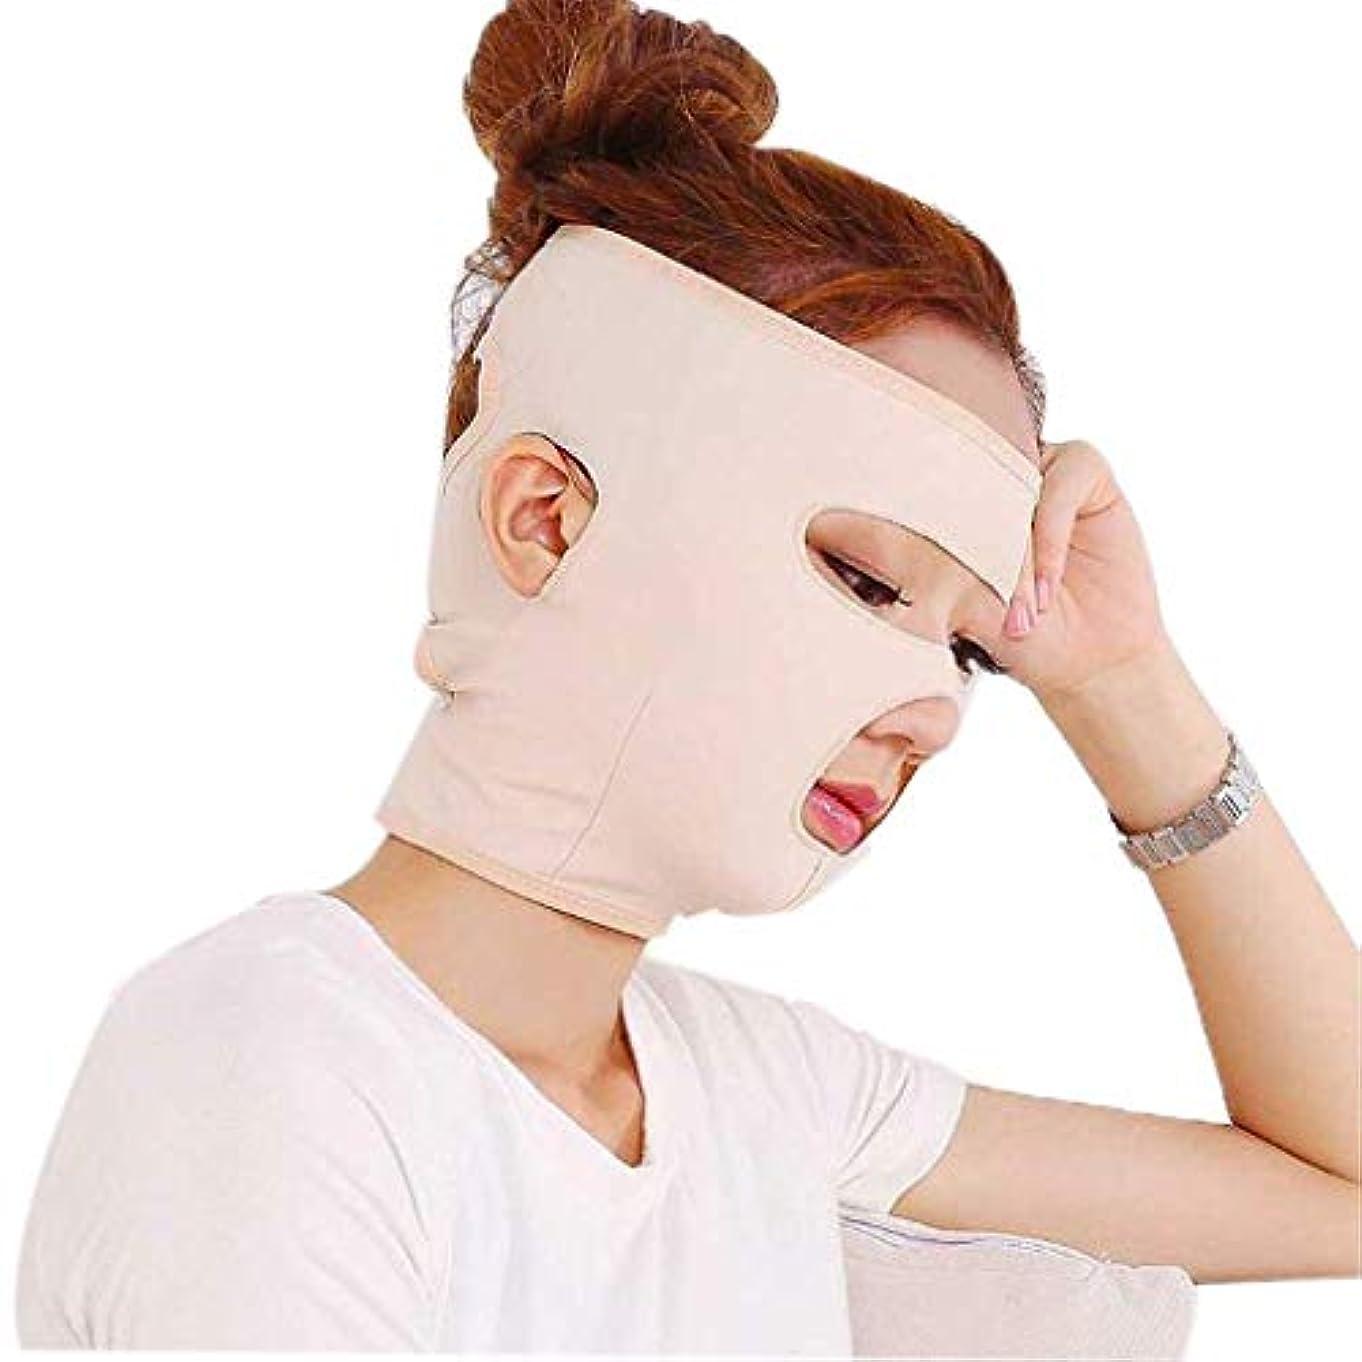 巡礼者ピラミッド乱れフェイスリフティングマスク、フルフェイス通気性の術後回復包帯リフティング引き締め肌の減少により小さなVフェイスマスクを作成(サイズ:L)